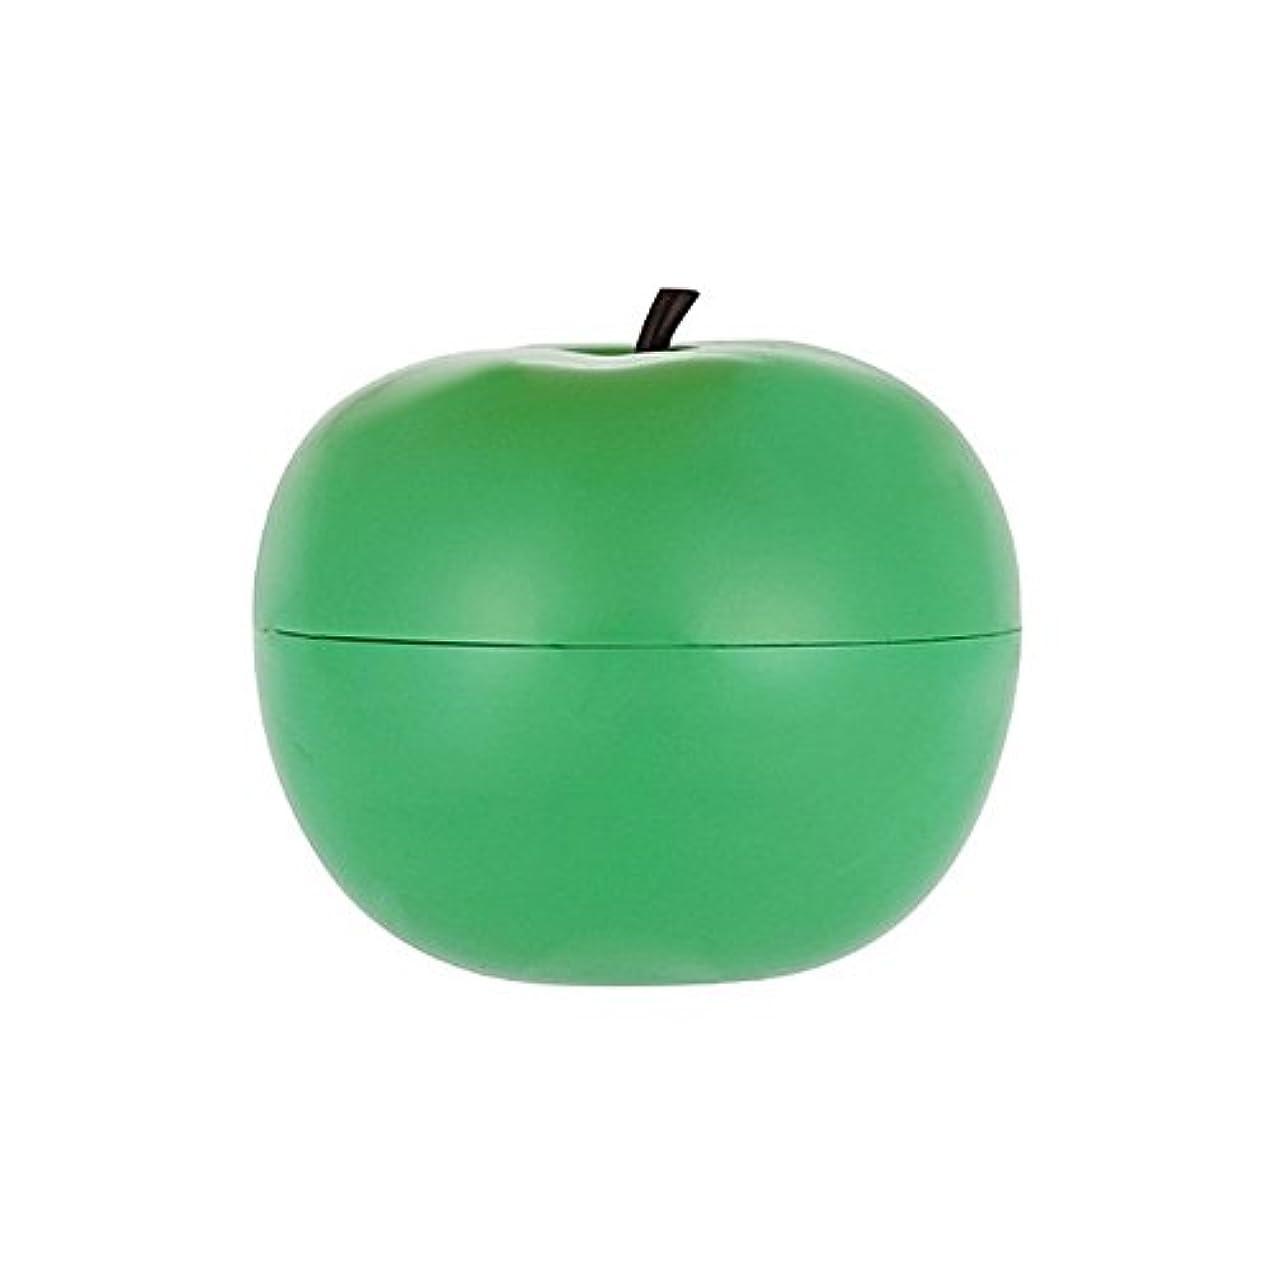 パートナー巨人筋肉のTony Moly Appletox Smooth Massage Peeling Cream 80G (Pack of 6) - トニーモリースムーズマッサージピーリングクリーム80グラム x6 [並行輸入品]